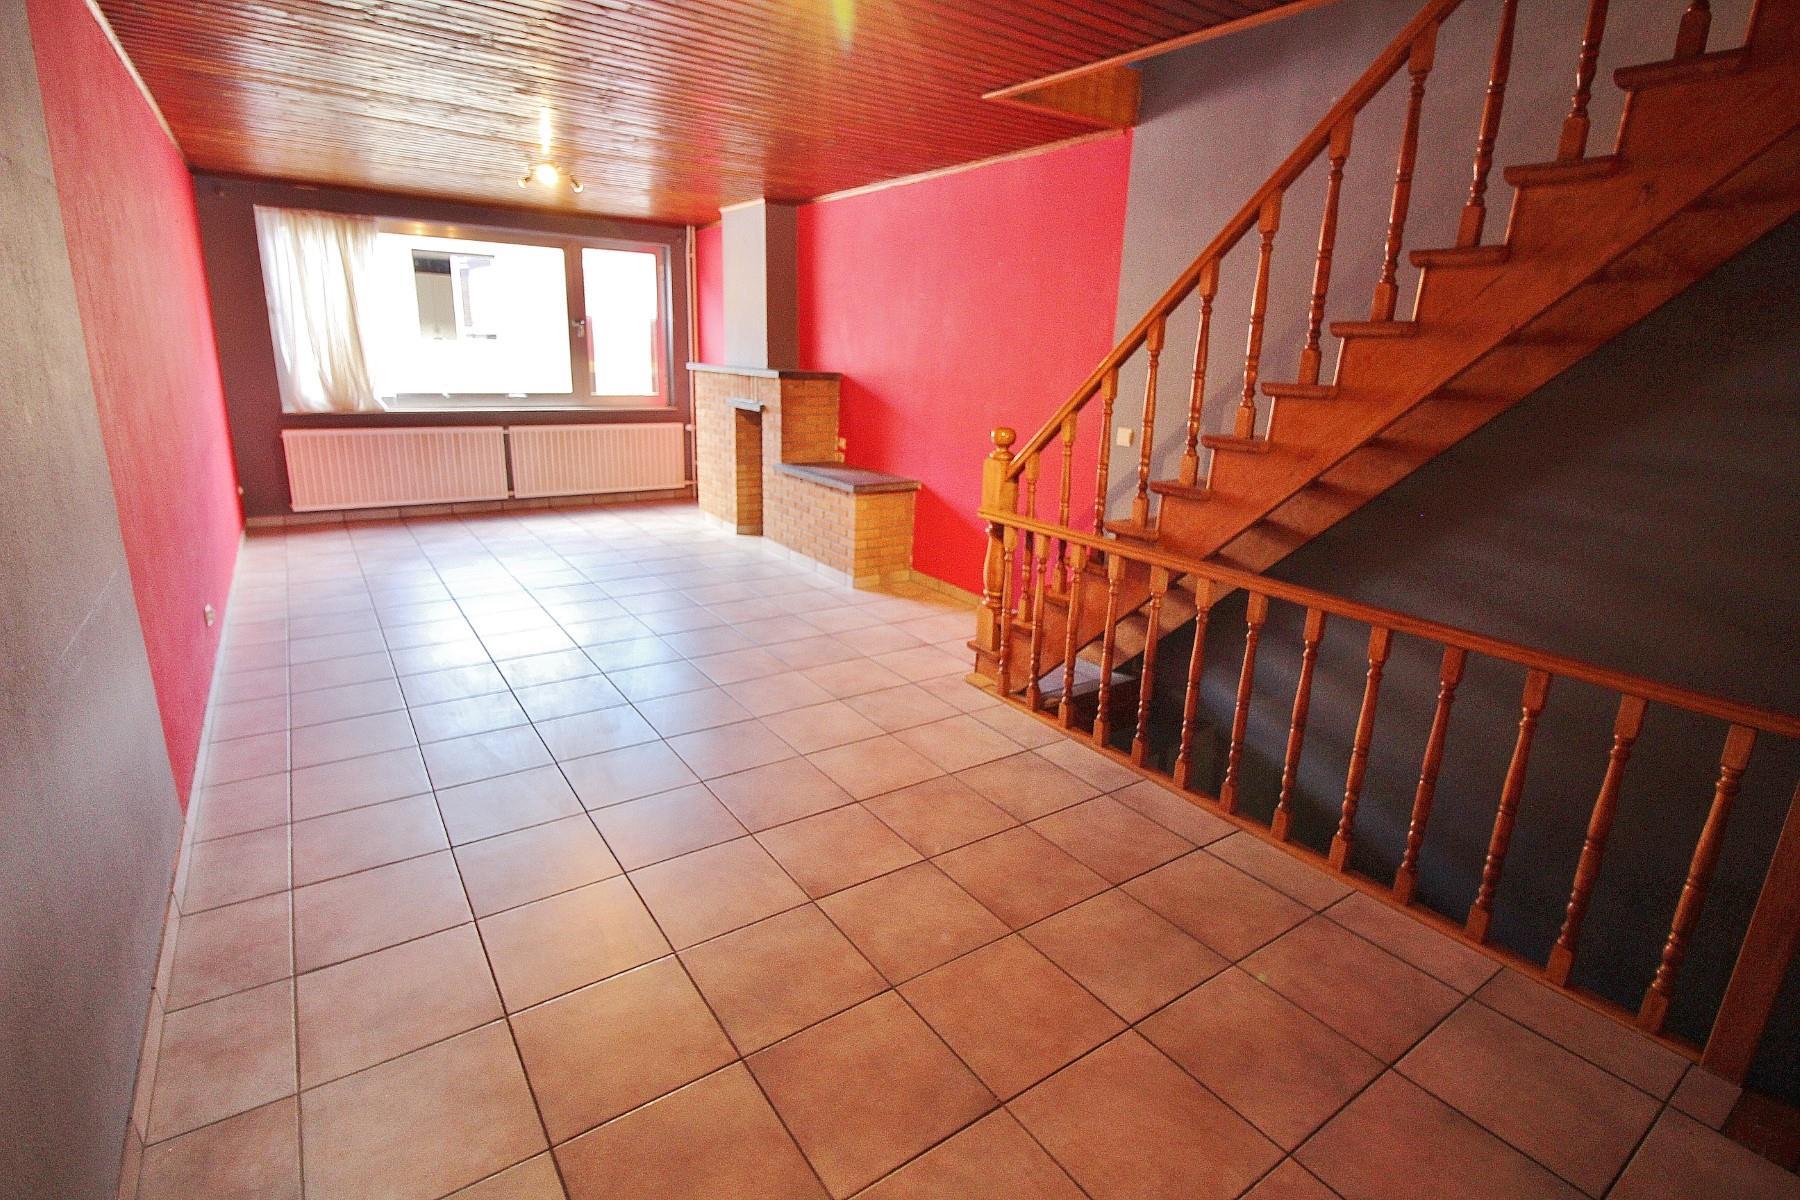 Garage (ferme) - Liège - #3519352-2